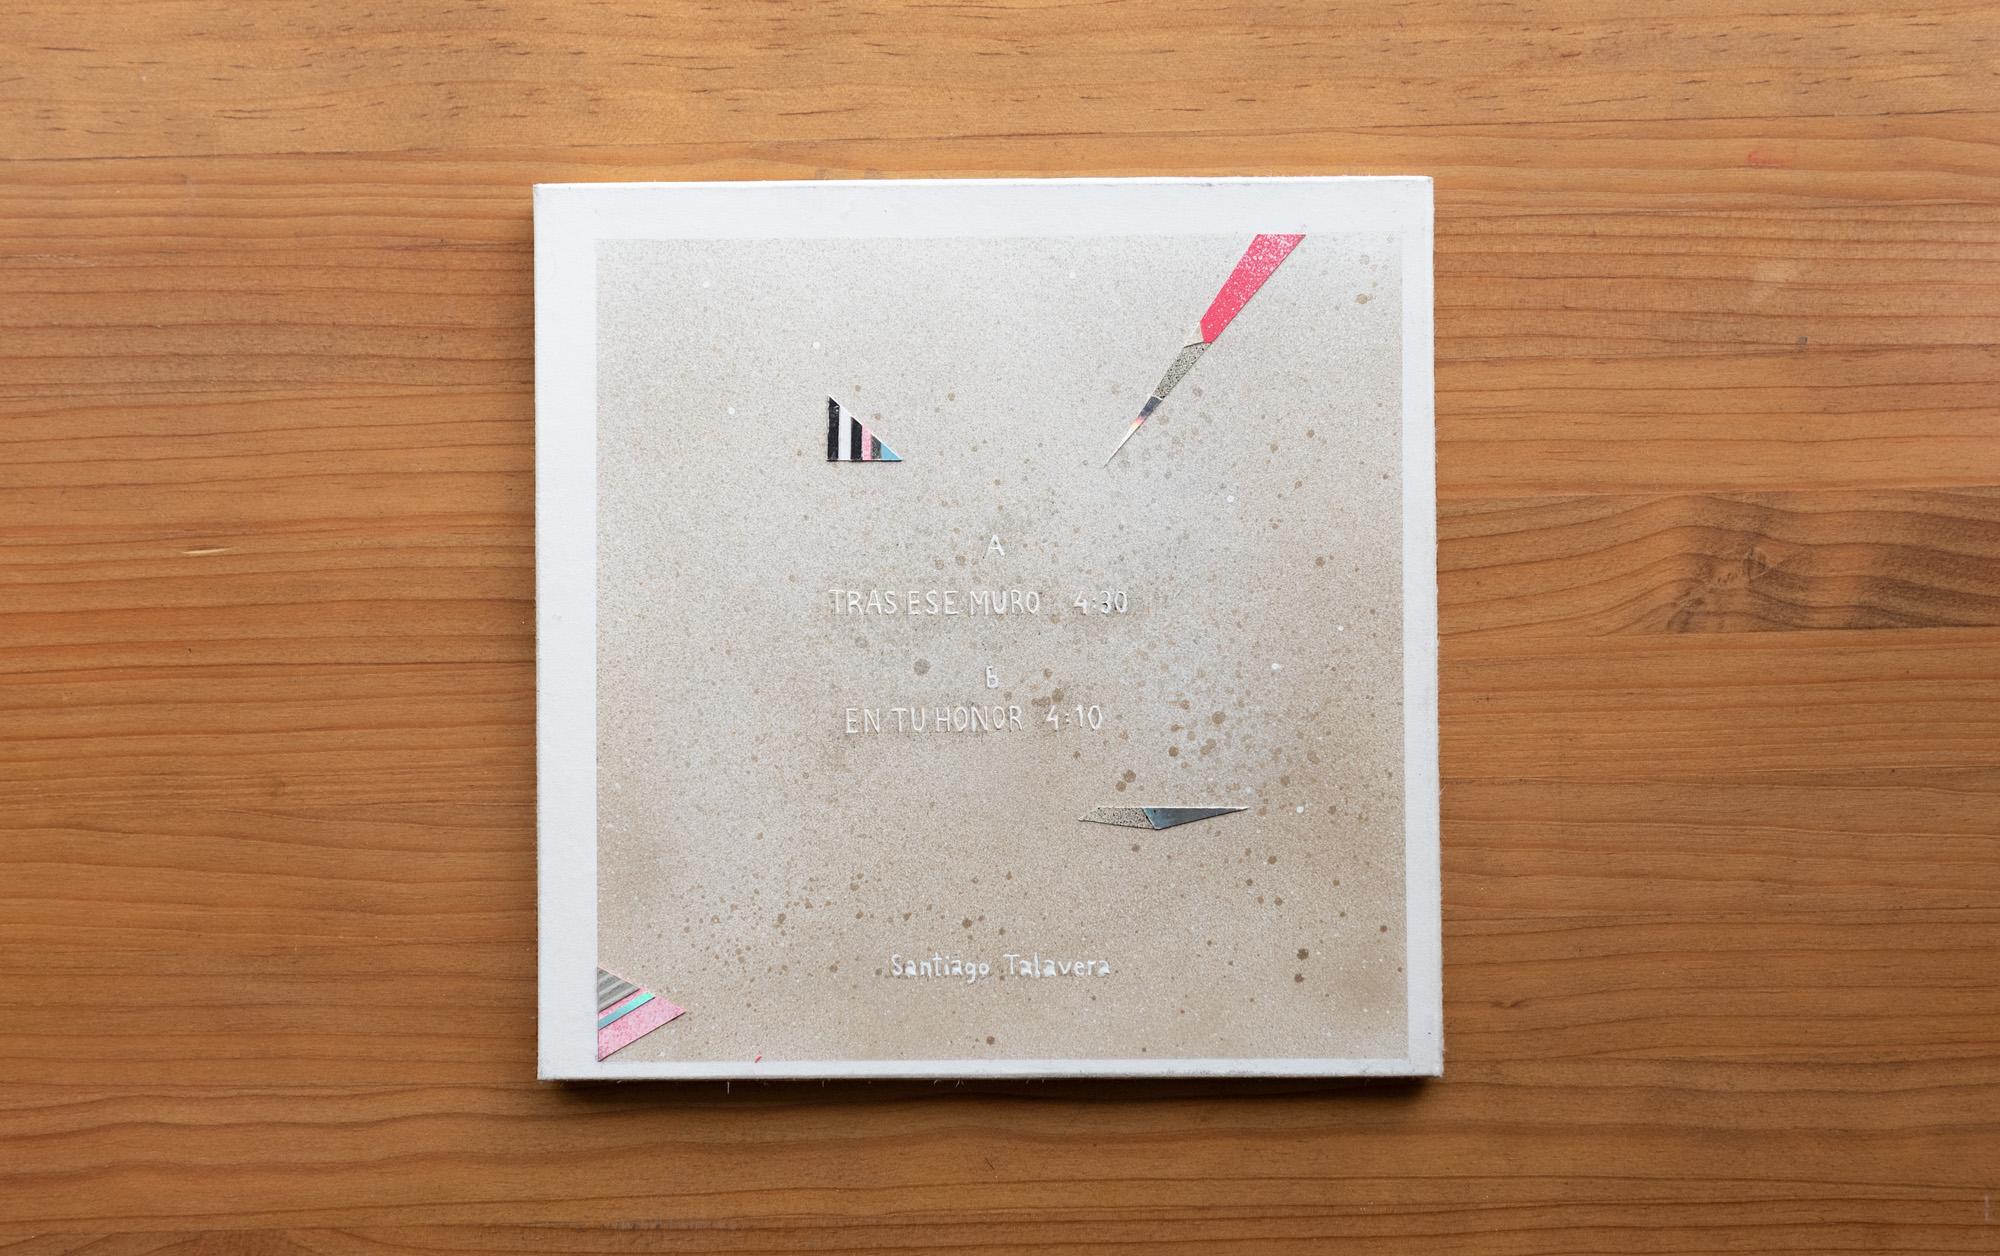 Santiago Talavera música Tras ese muro edición limitada vinilo